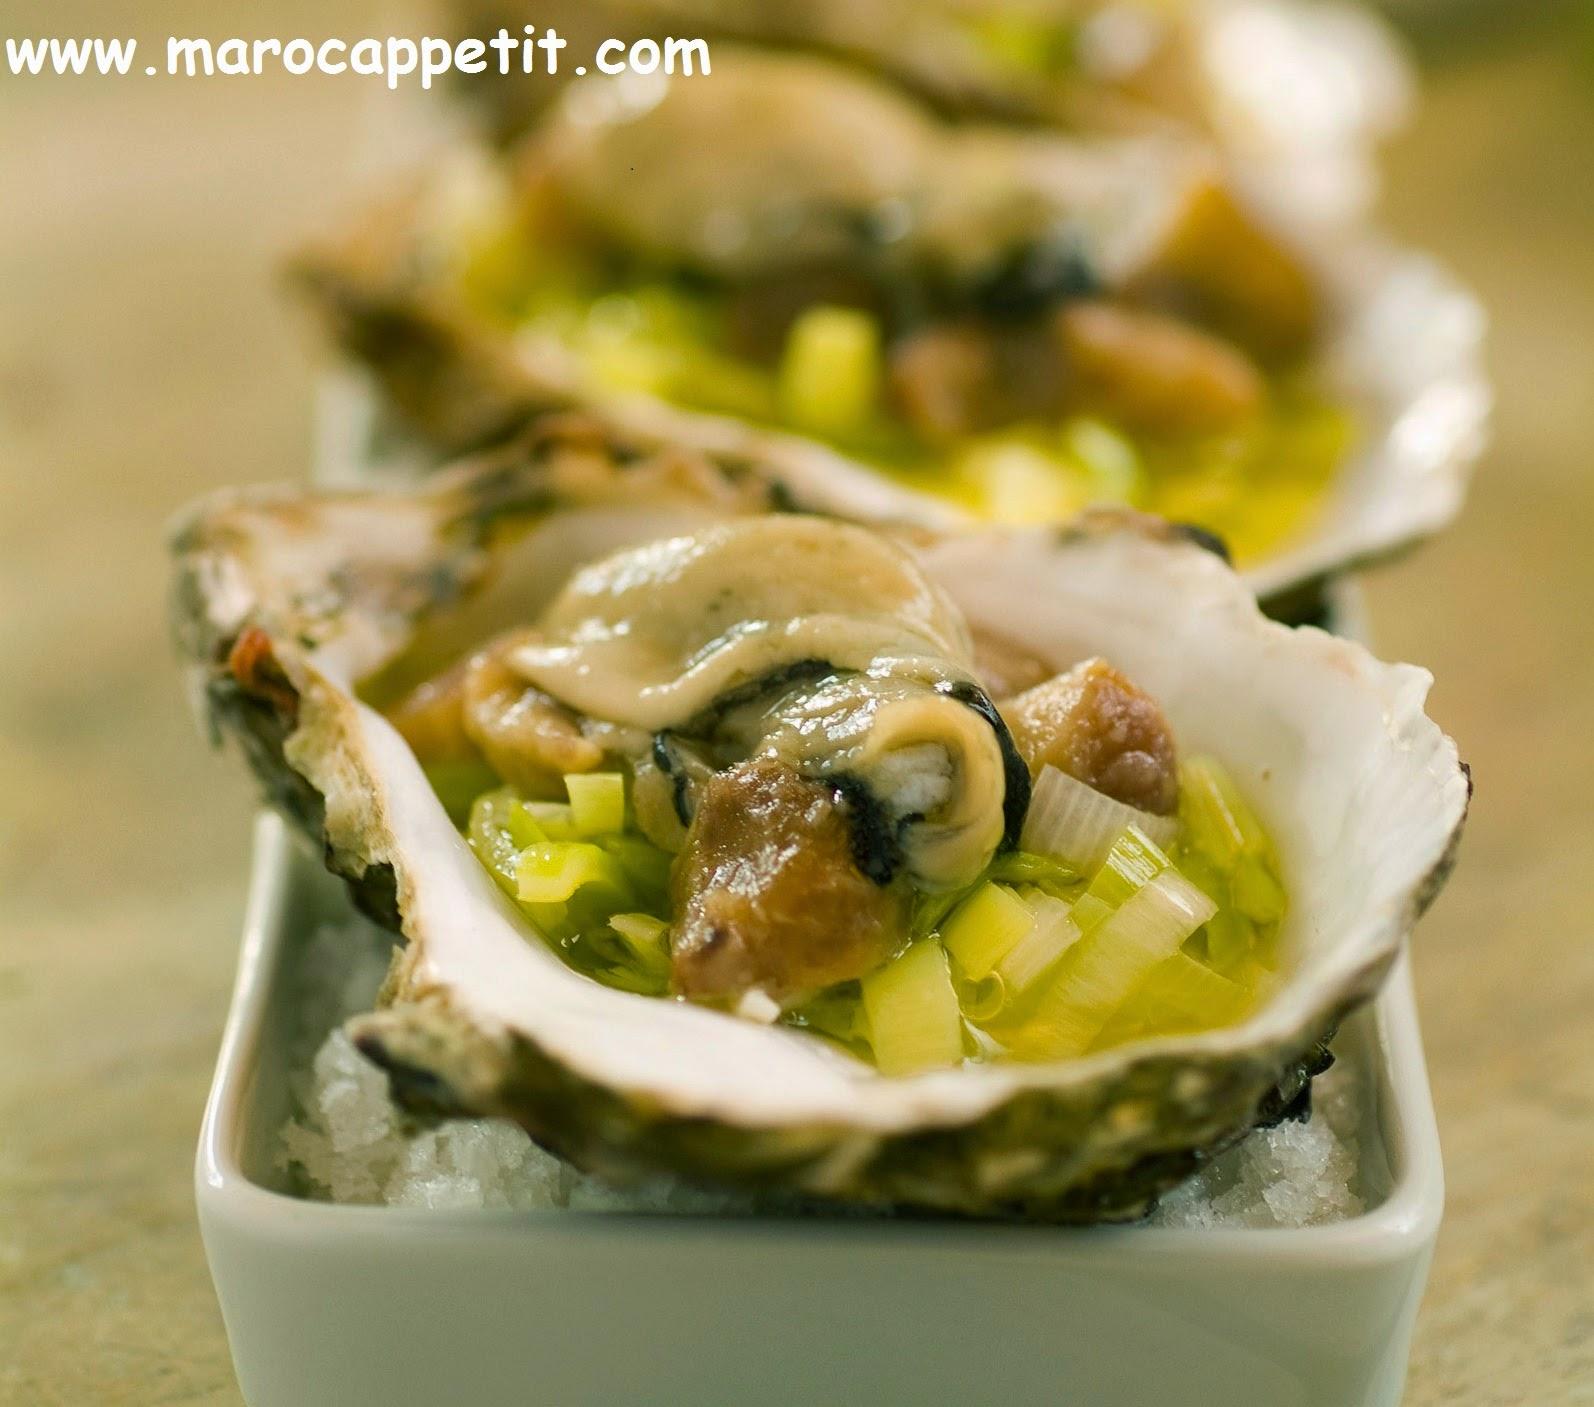 Huitres à la provençale | Oysters Provencal